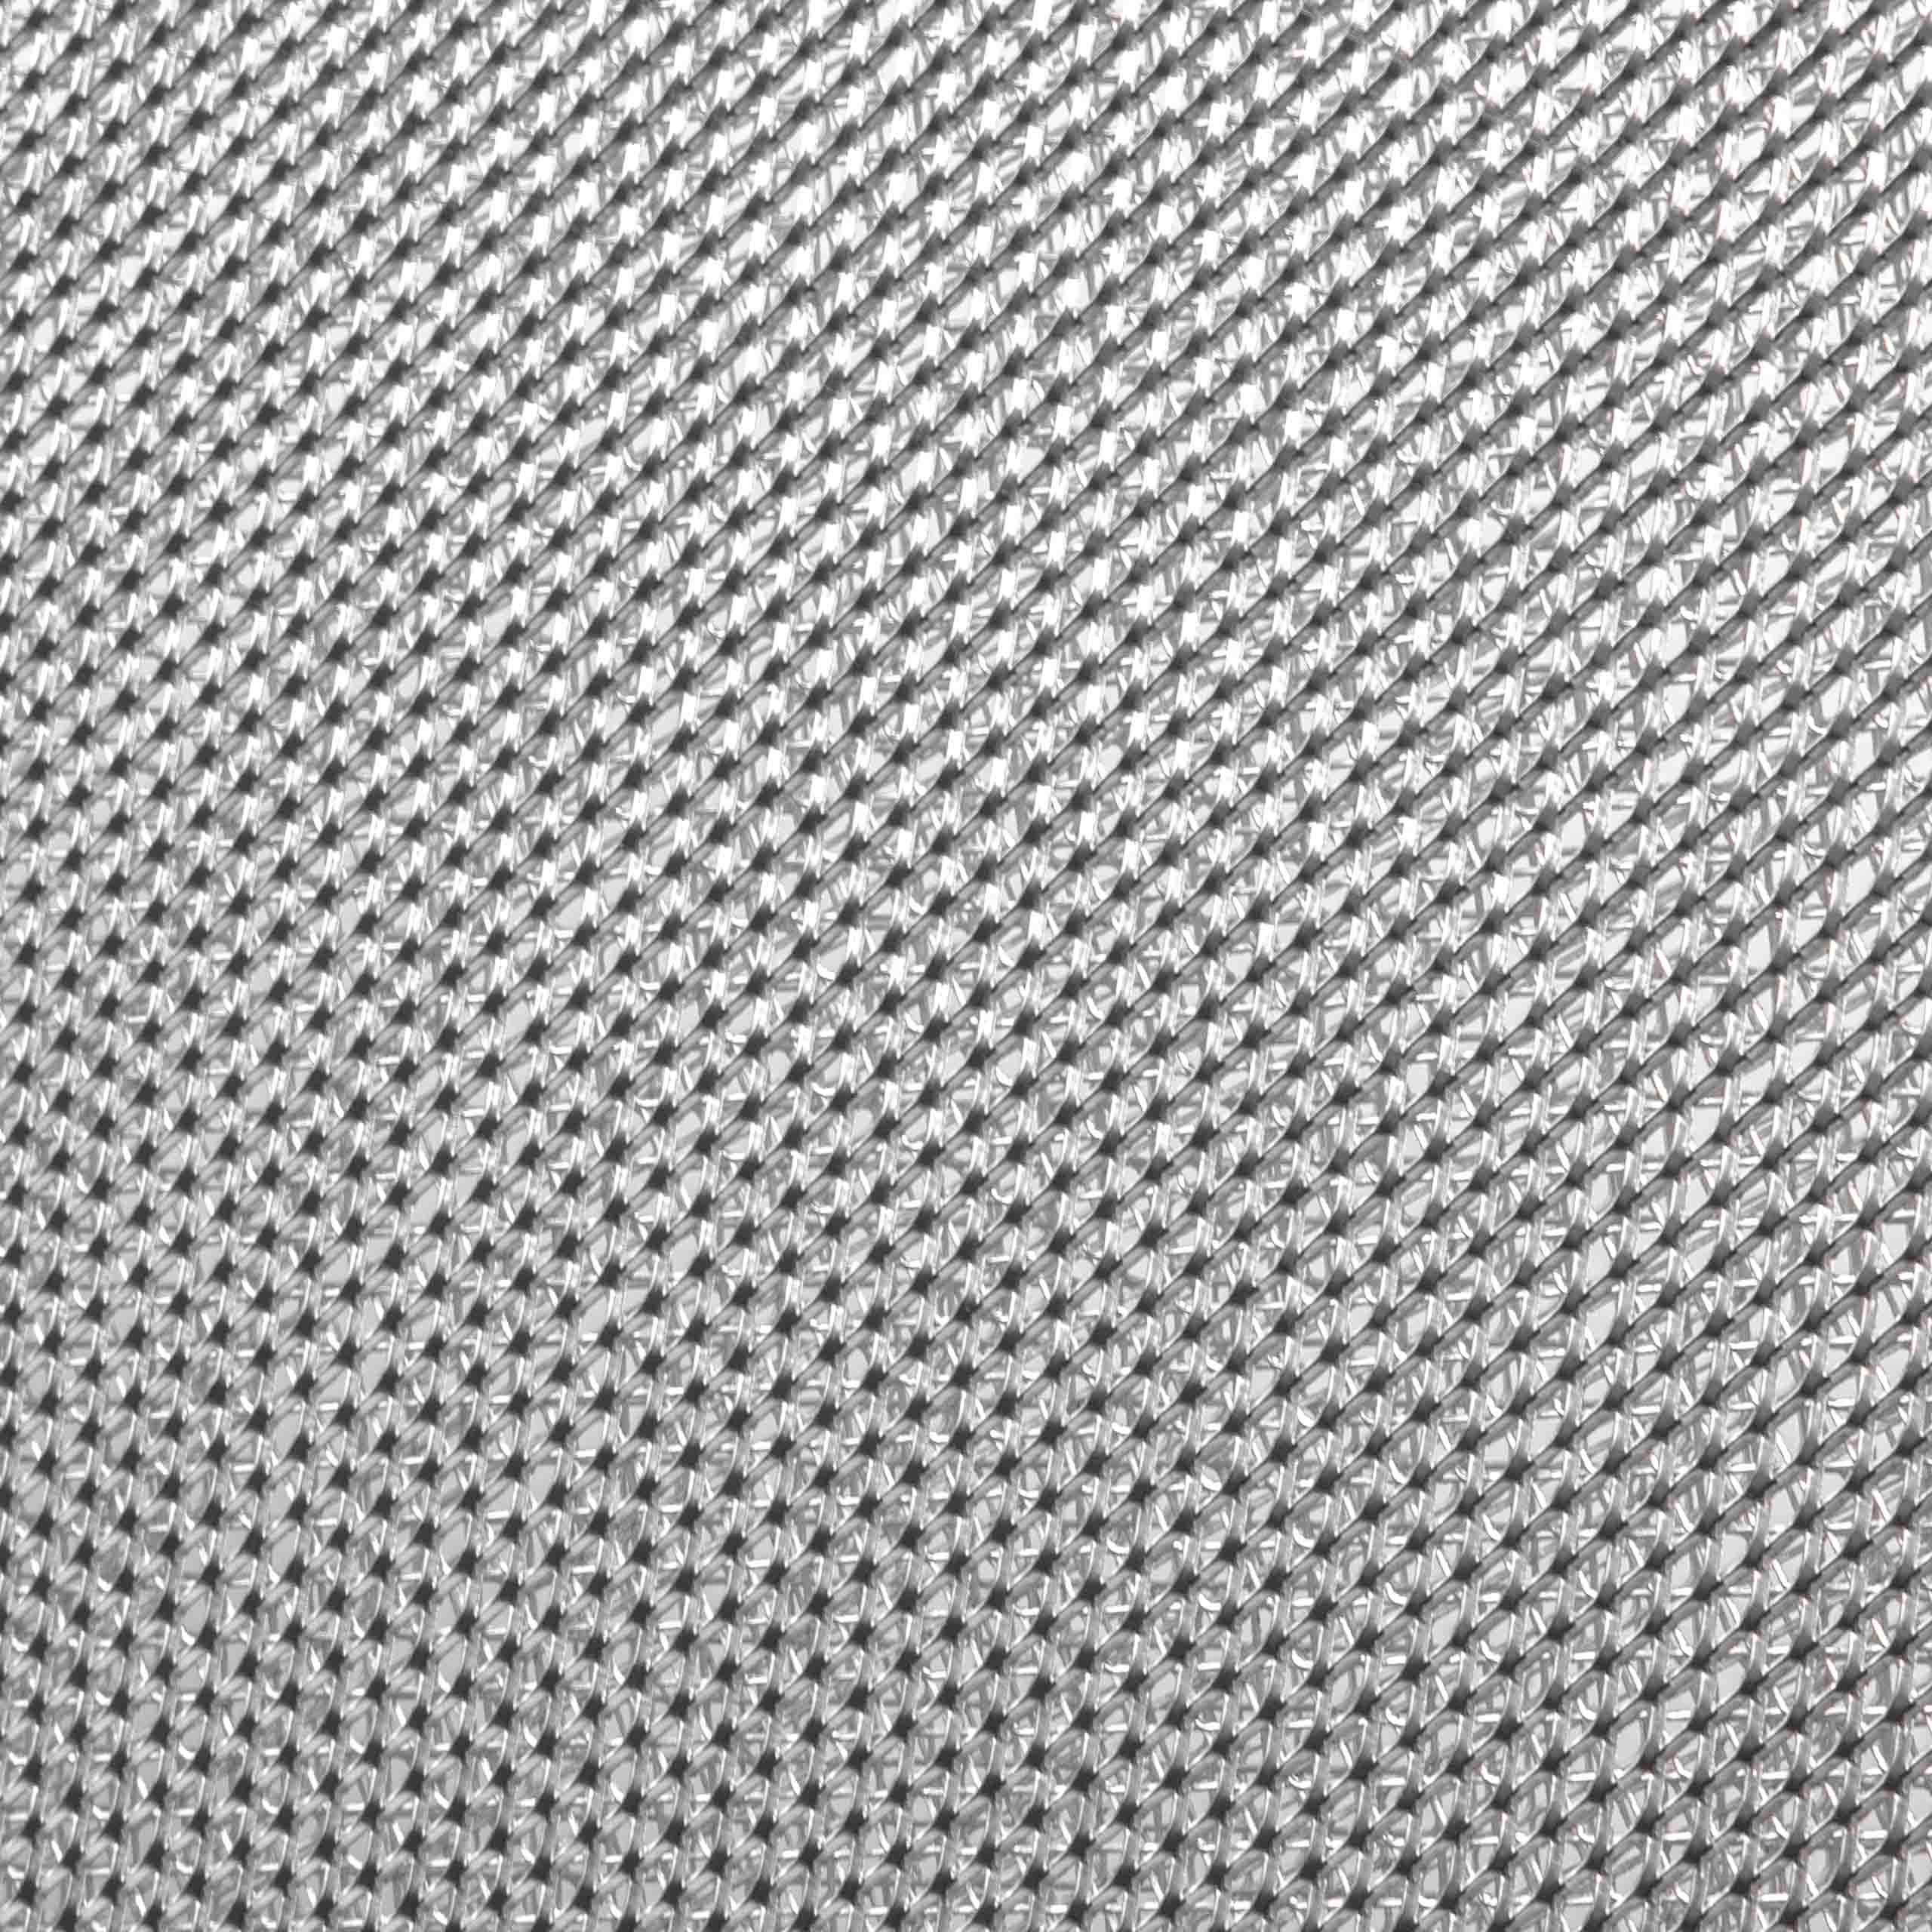 DHZ6201 47,90€//1Stk Bosch Metallfettfilter für Dunstabzugshauben 298619